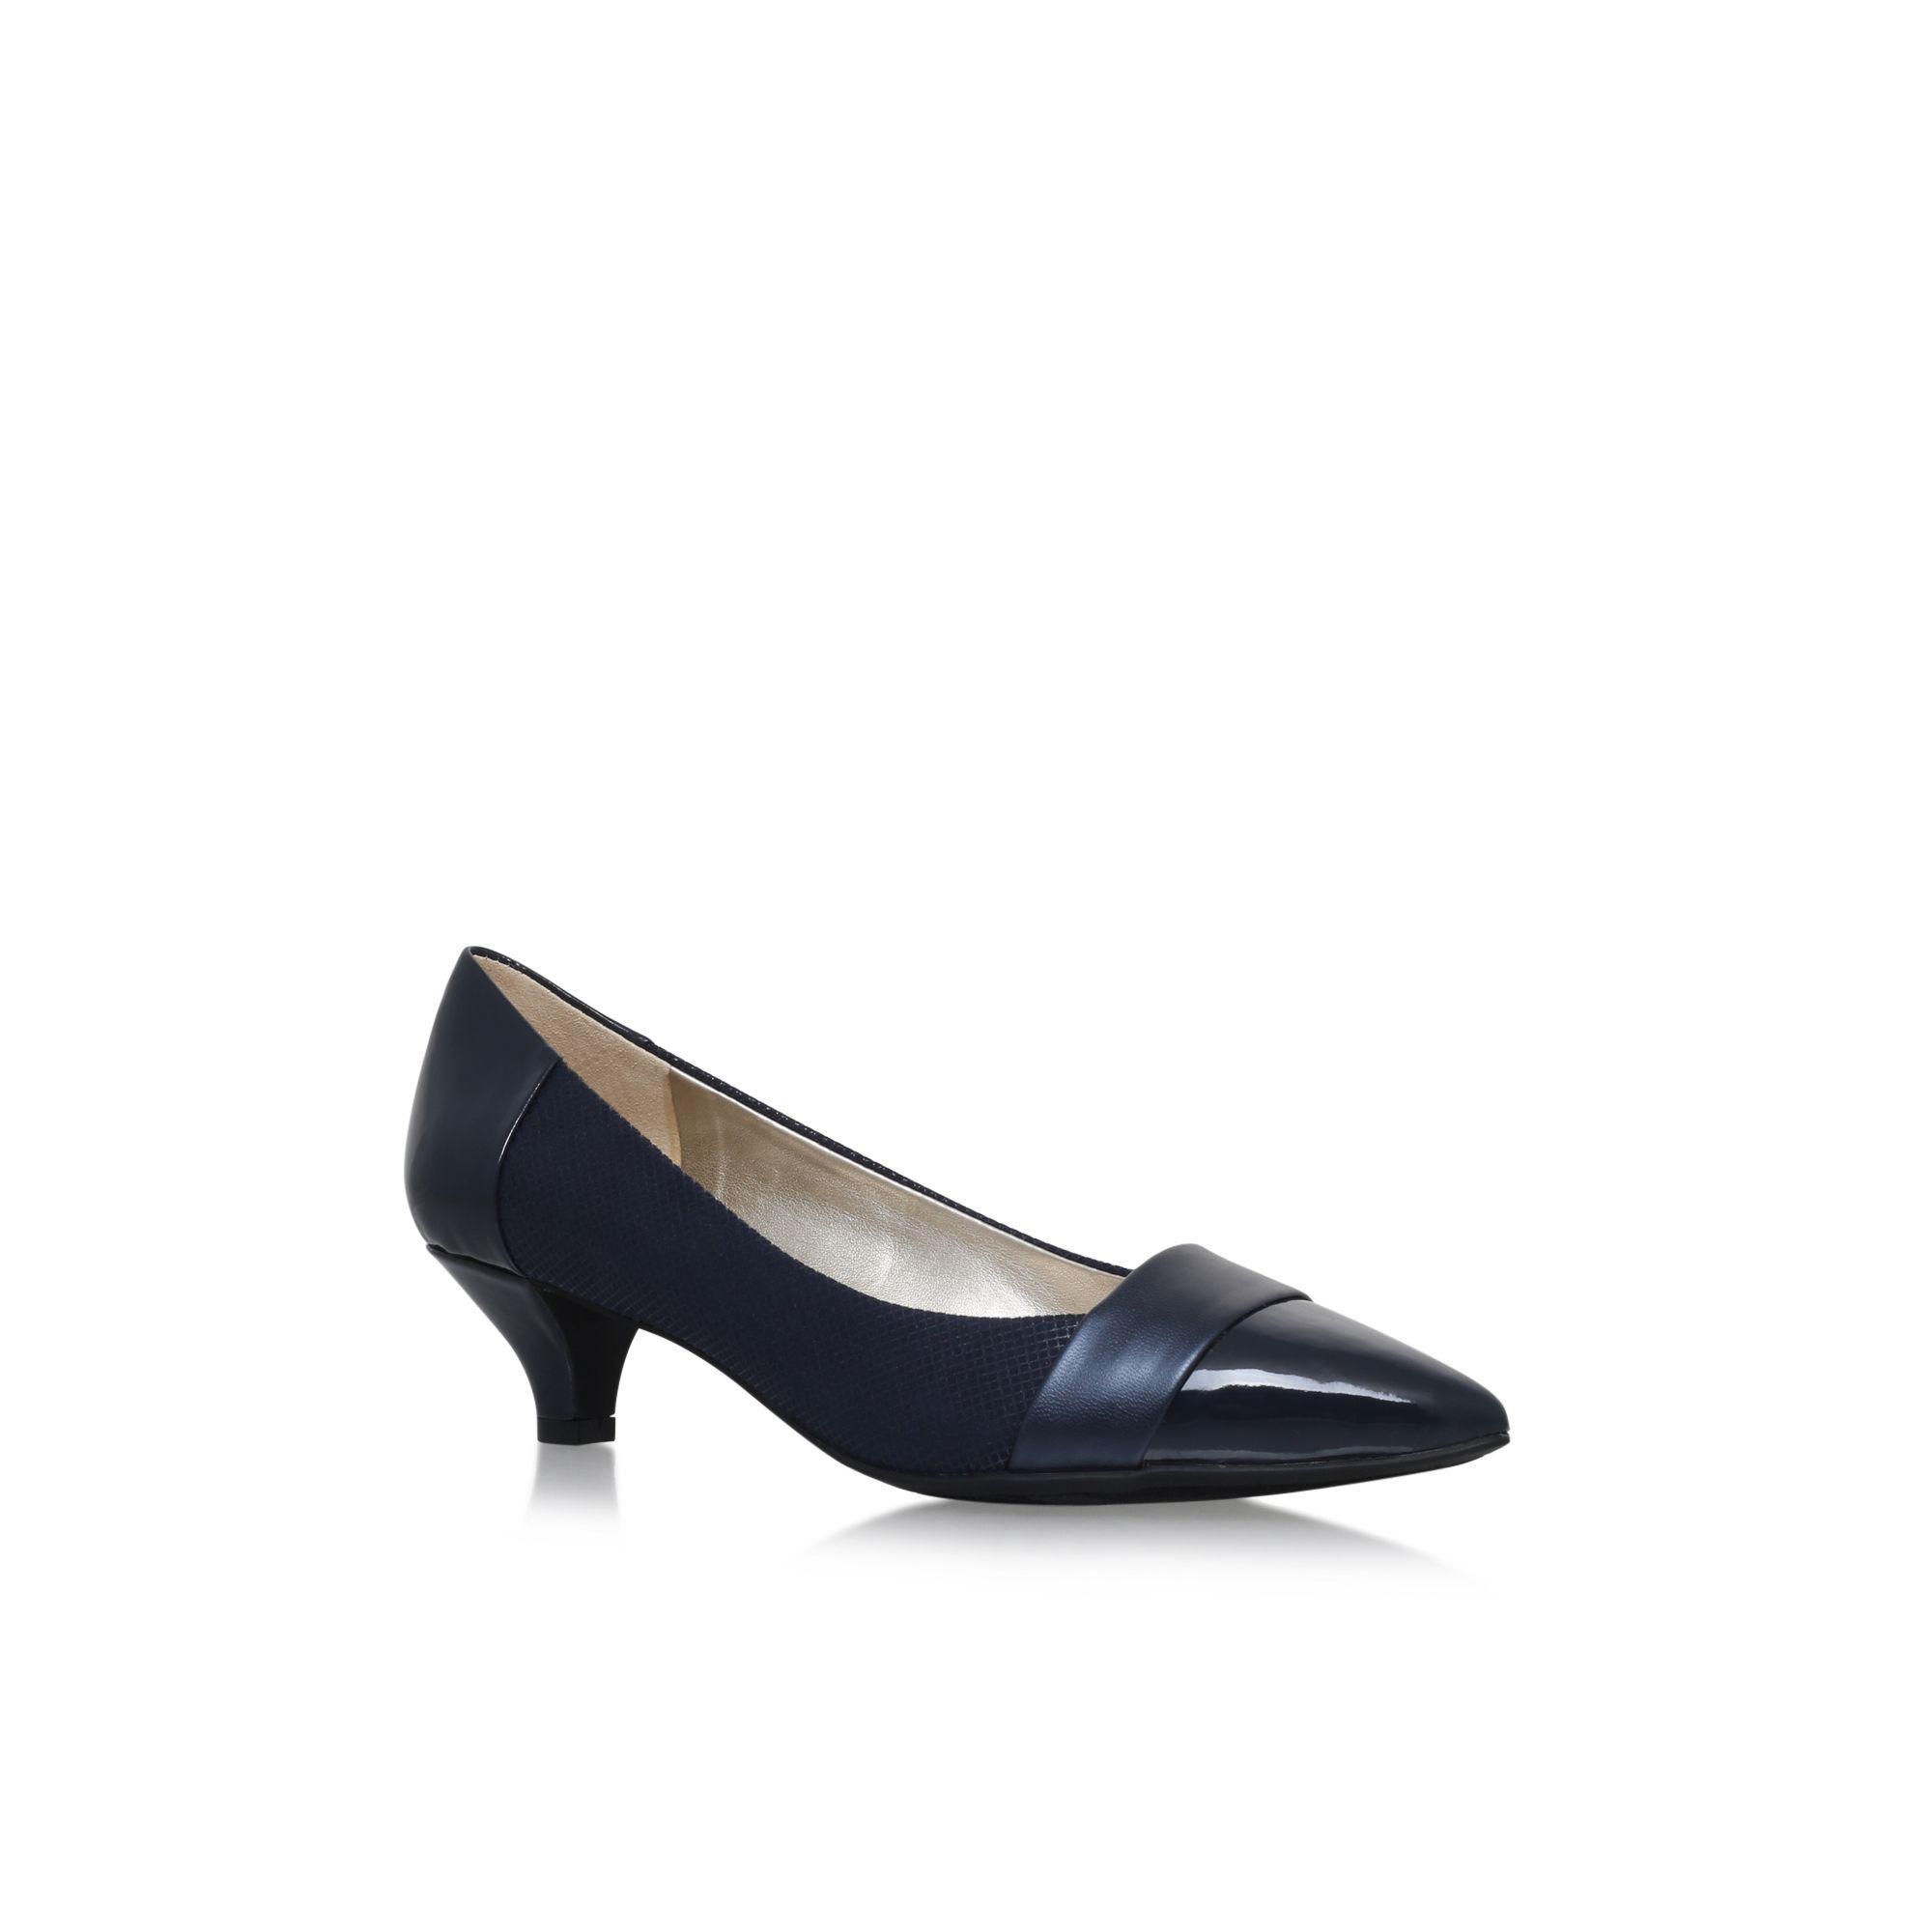 105b08e2ea6c1 Anne Klein Blue 'mckinley' Low Heel Court Shoes in Blue - Lyst anne klein